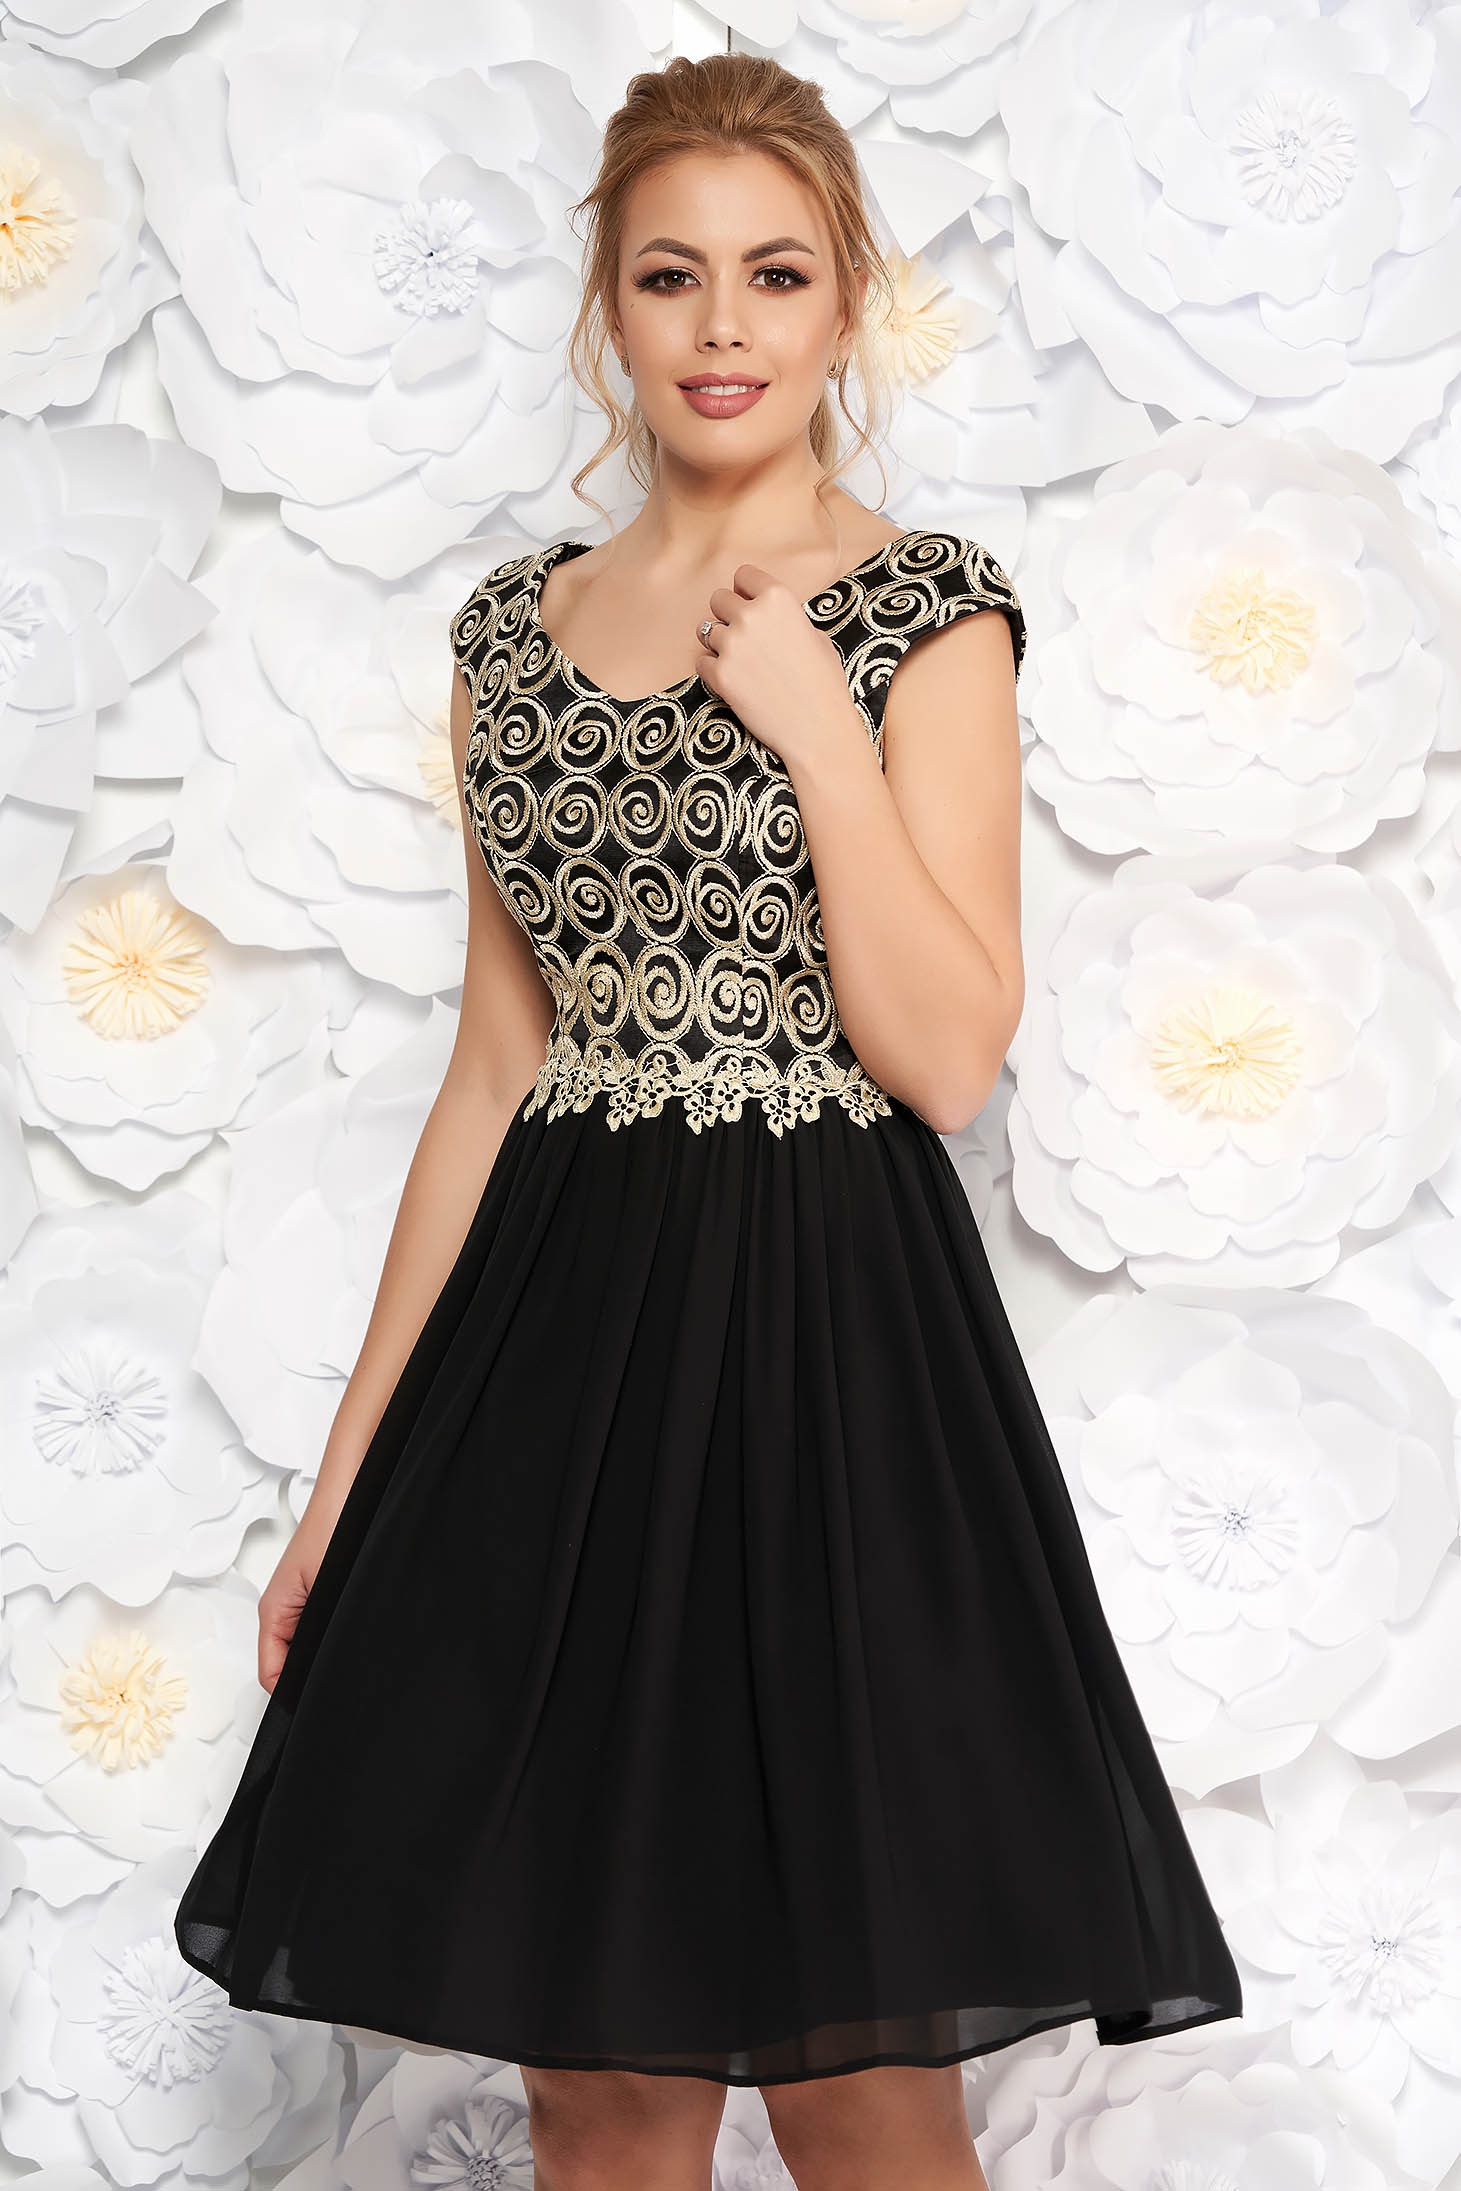 Deréktól bővülő szabású fekete ruha